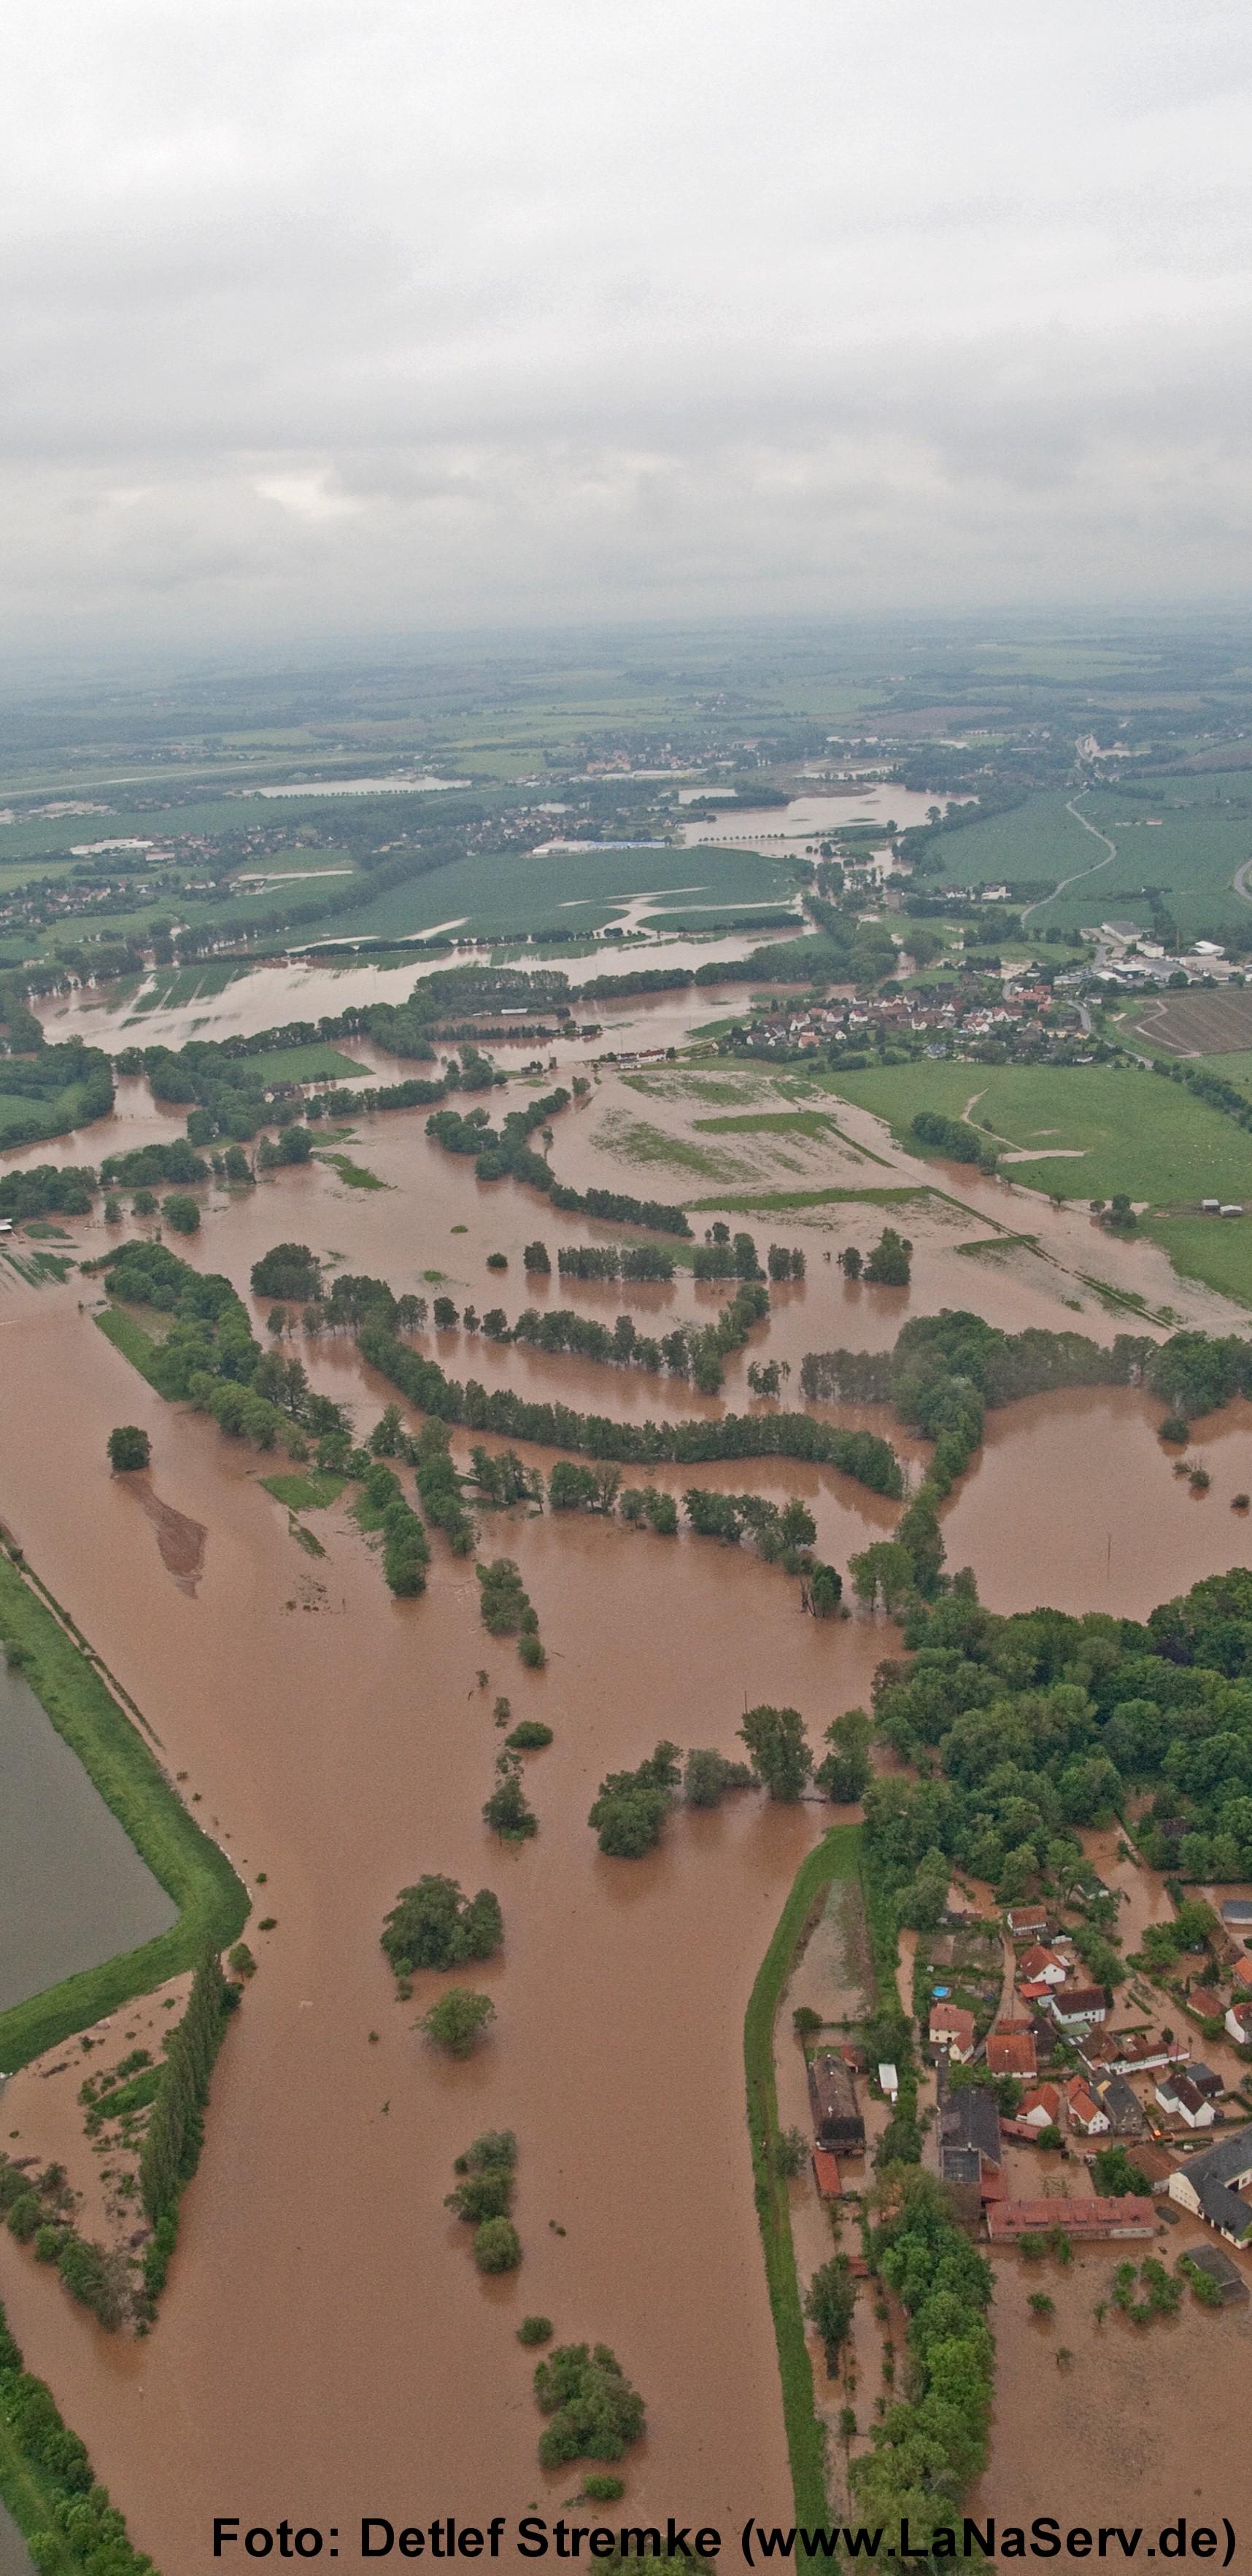 hochwasser in australien 2018